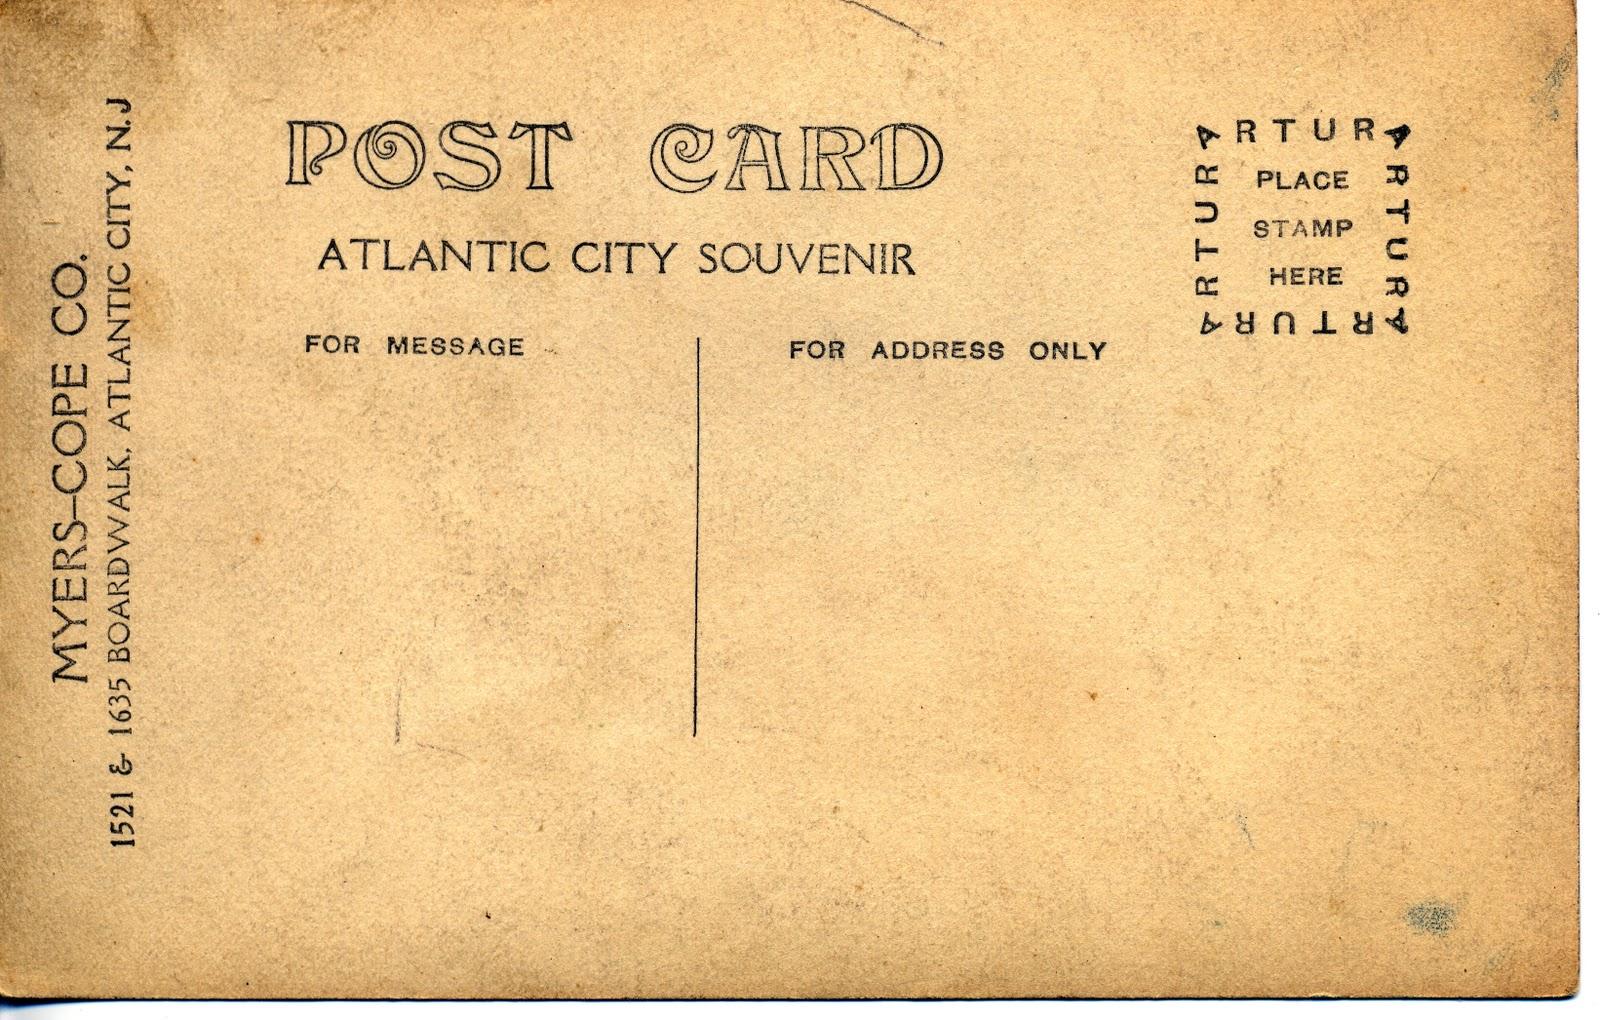 https://3.bp.blogspot.com/_8tpxcFc9dl8/TJ7JIkc3HpI/AAAAAAAAABI/z6haDqYP_AU/s1600/postcard+back.jpg